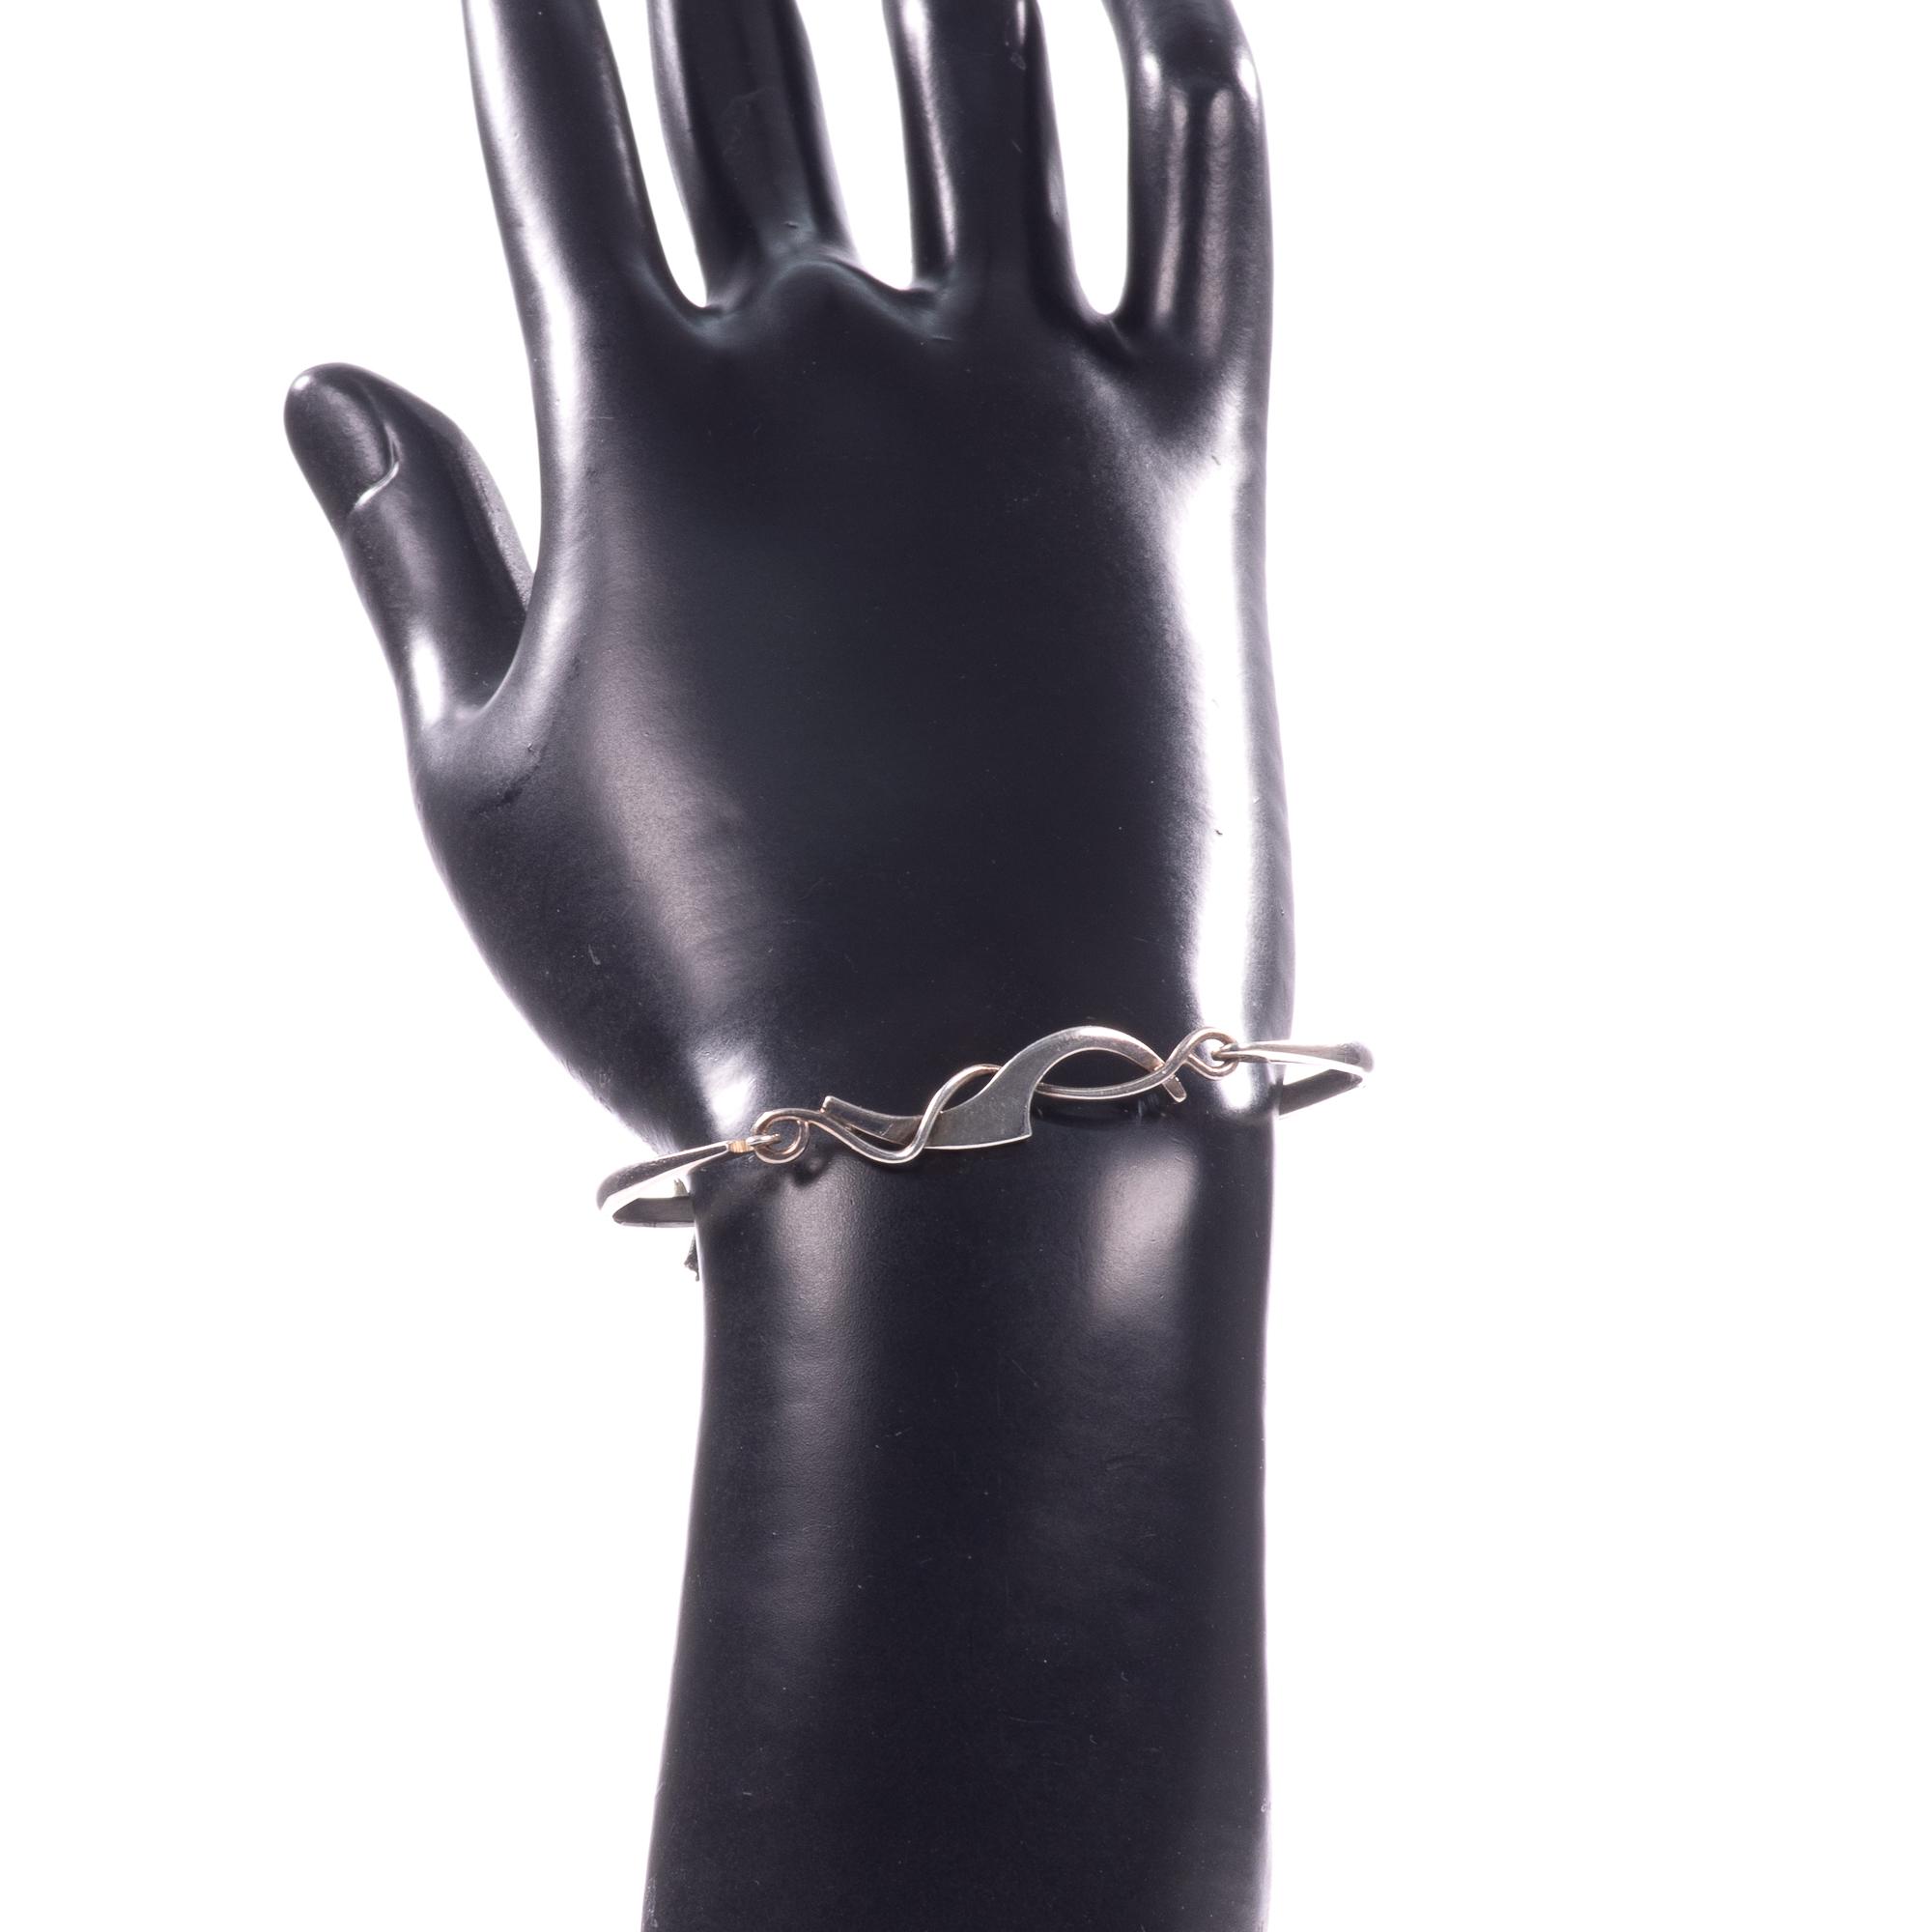 Silver Abstarct Modernist Bangle Bracelet - Image 8 of 9